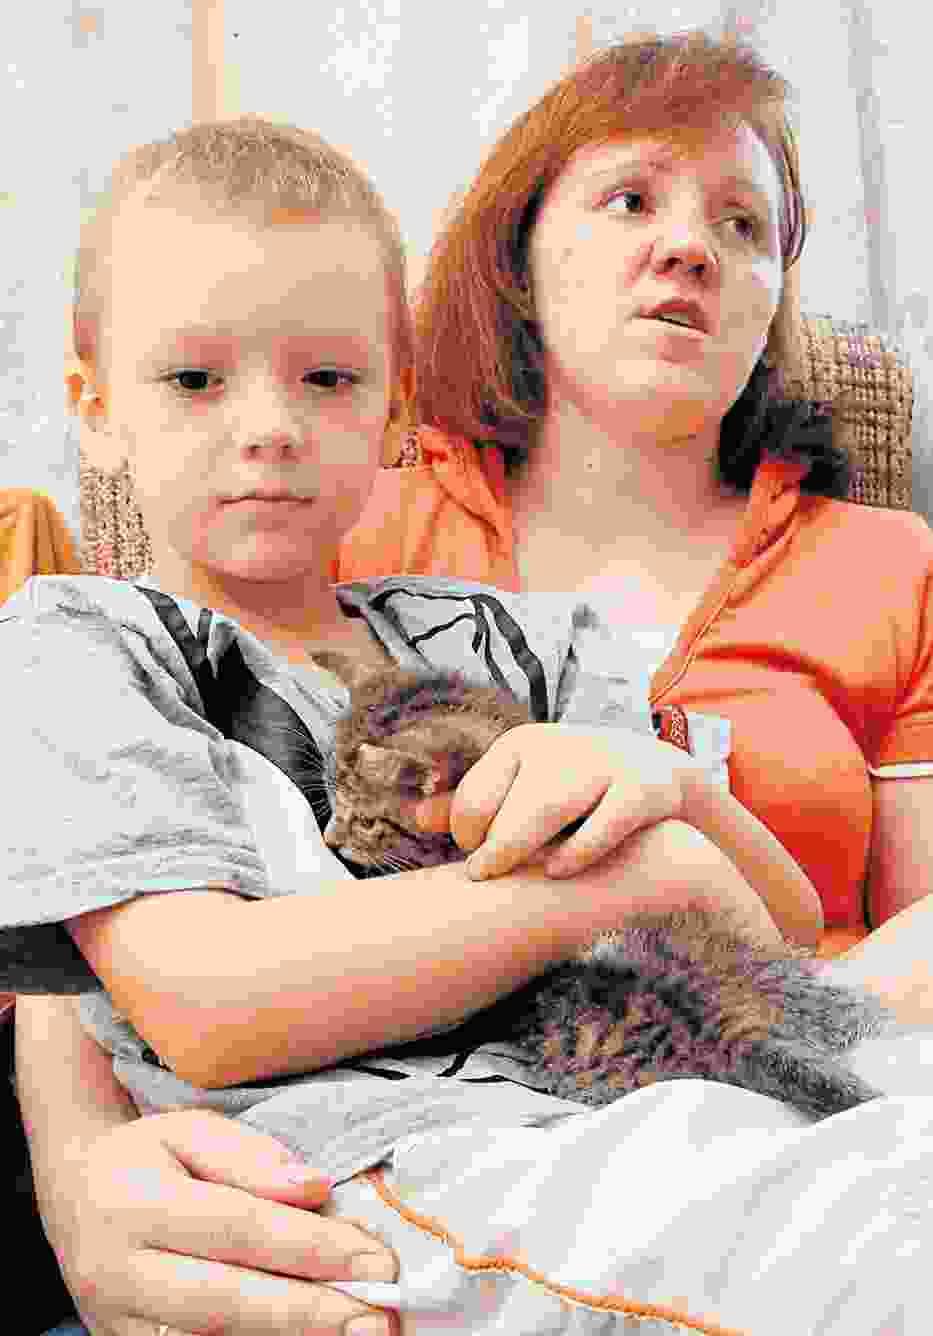 - Nawet nie opatrzono Michasia, nie podano mu leków - opowiada mama chłopca